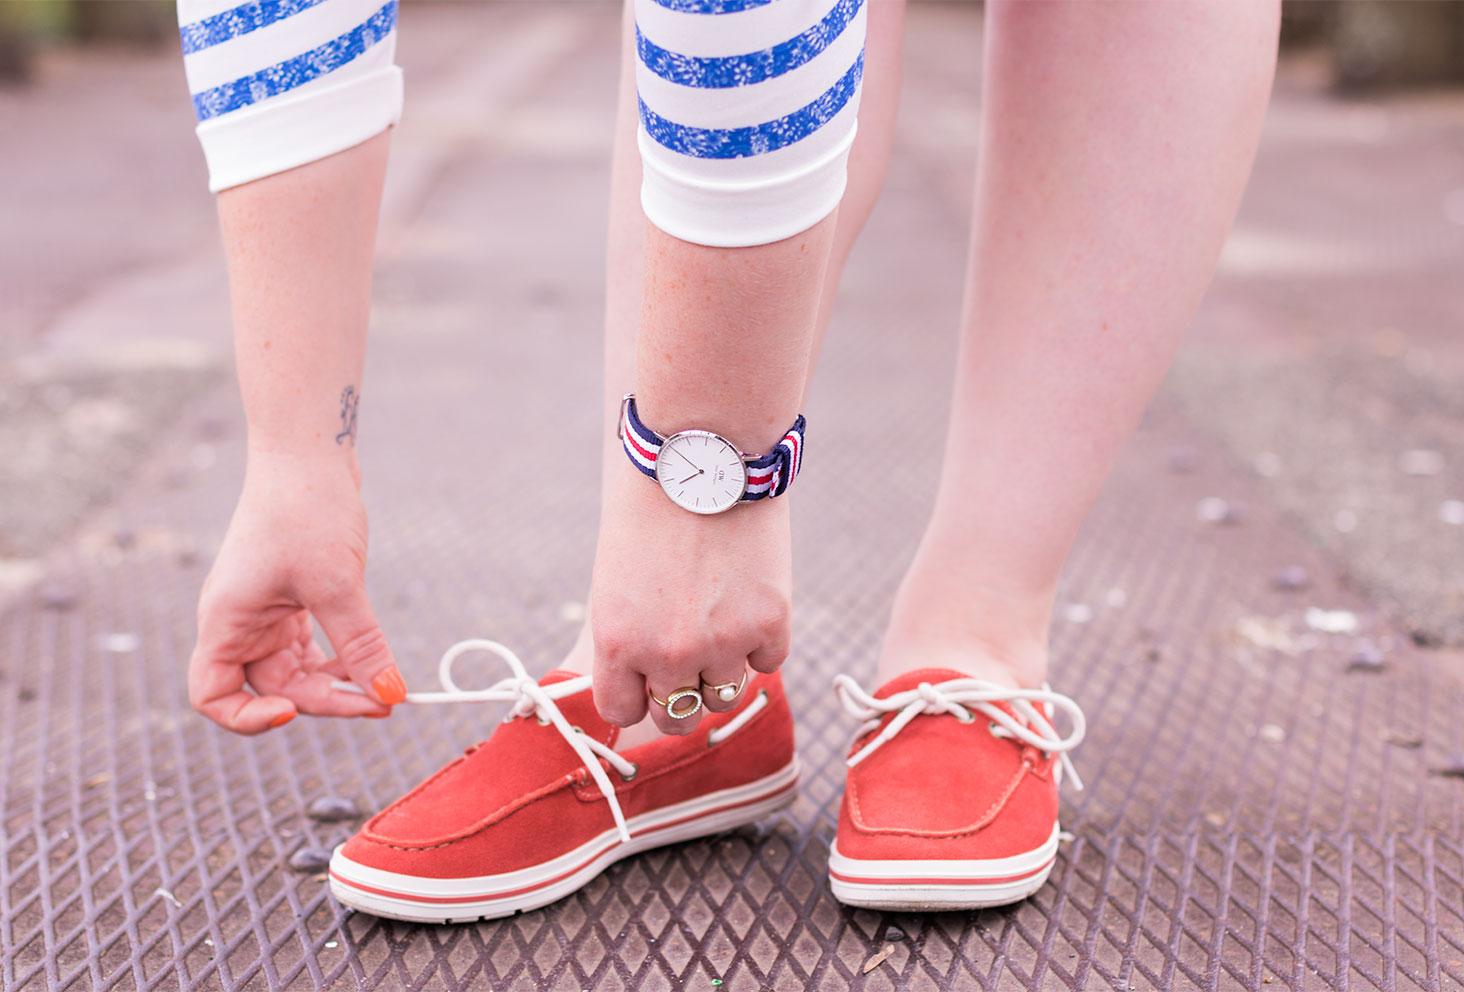 La montre Classic Cunterbury portée dans un look so french, en marinière entrain de lacet des chaussures bateau rouges